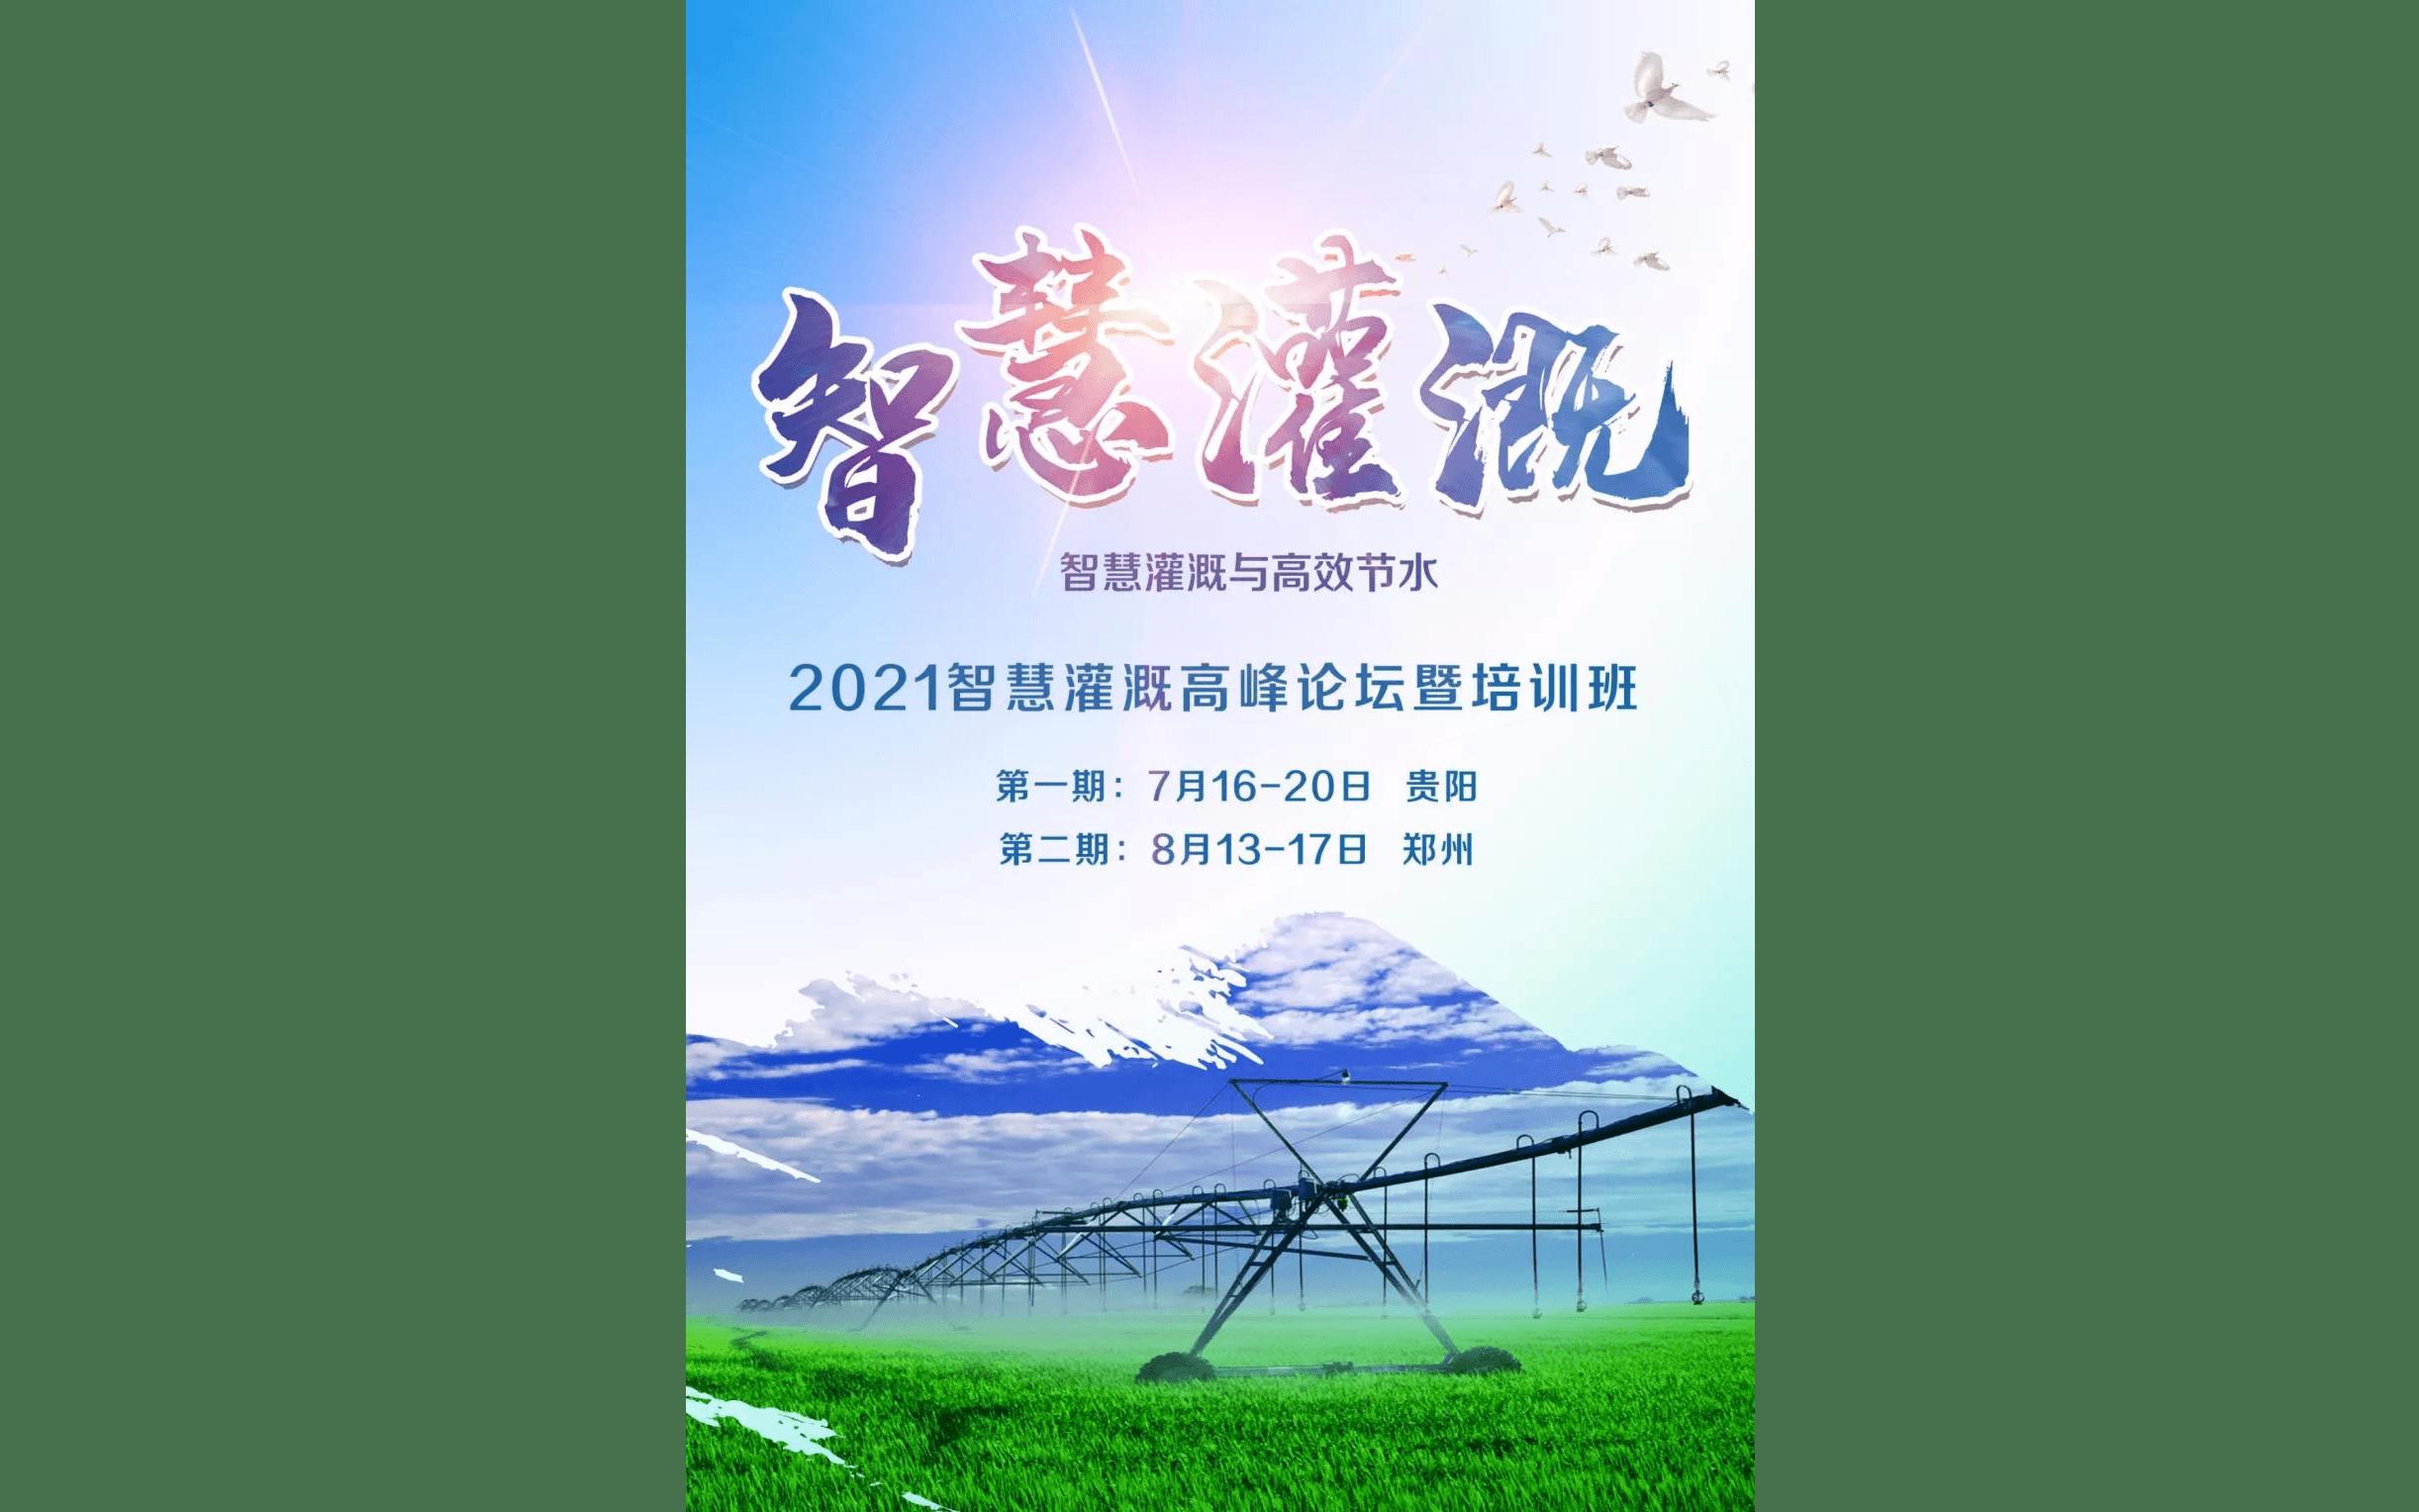 2021智慧灌溉高峰论坛